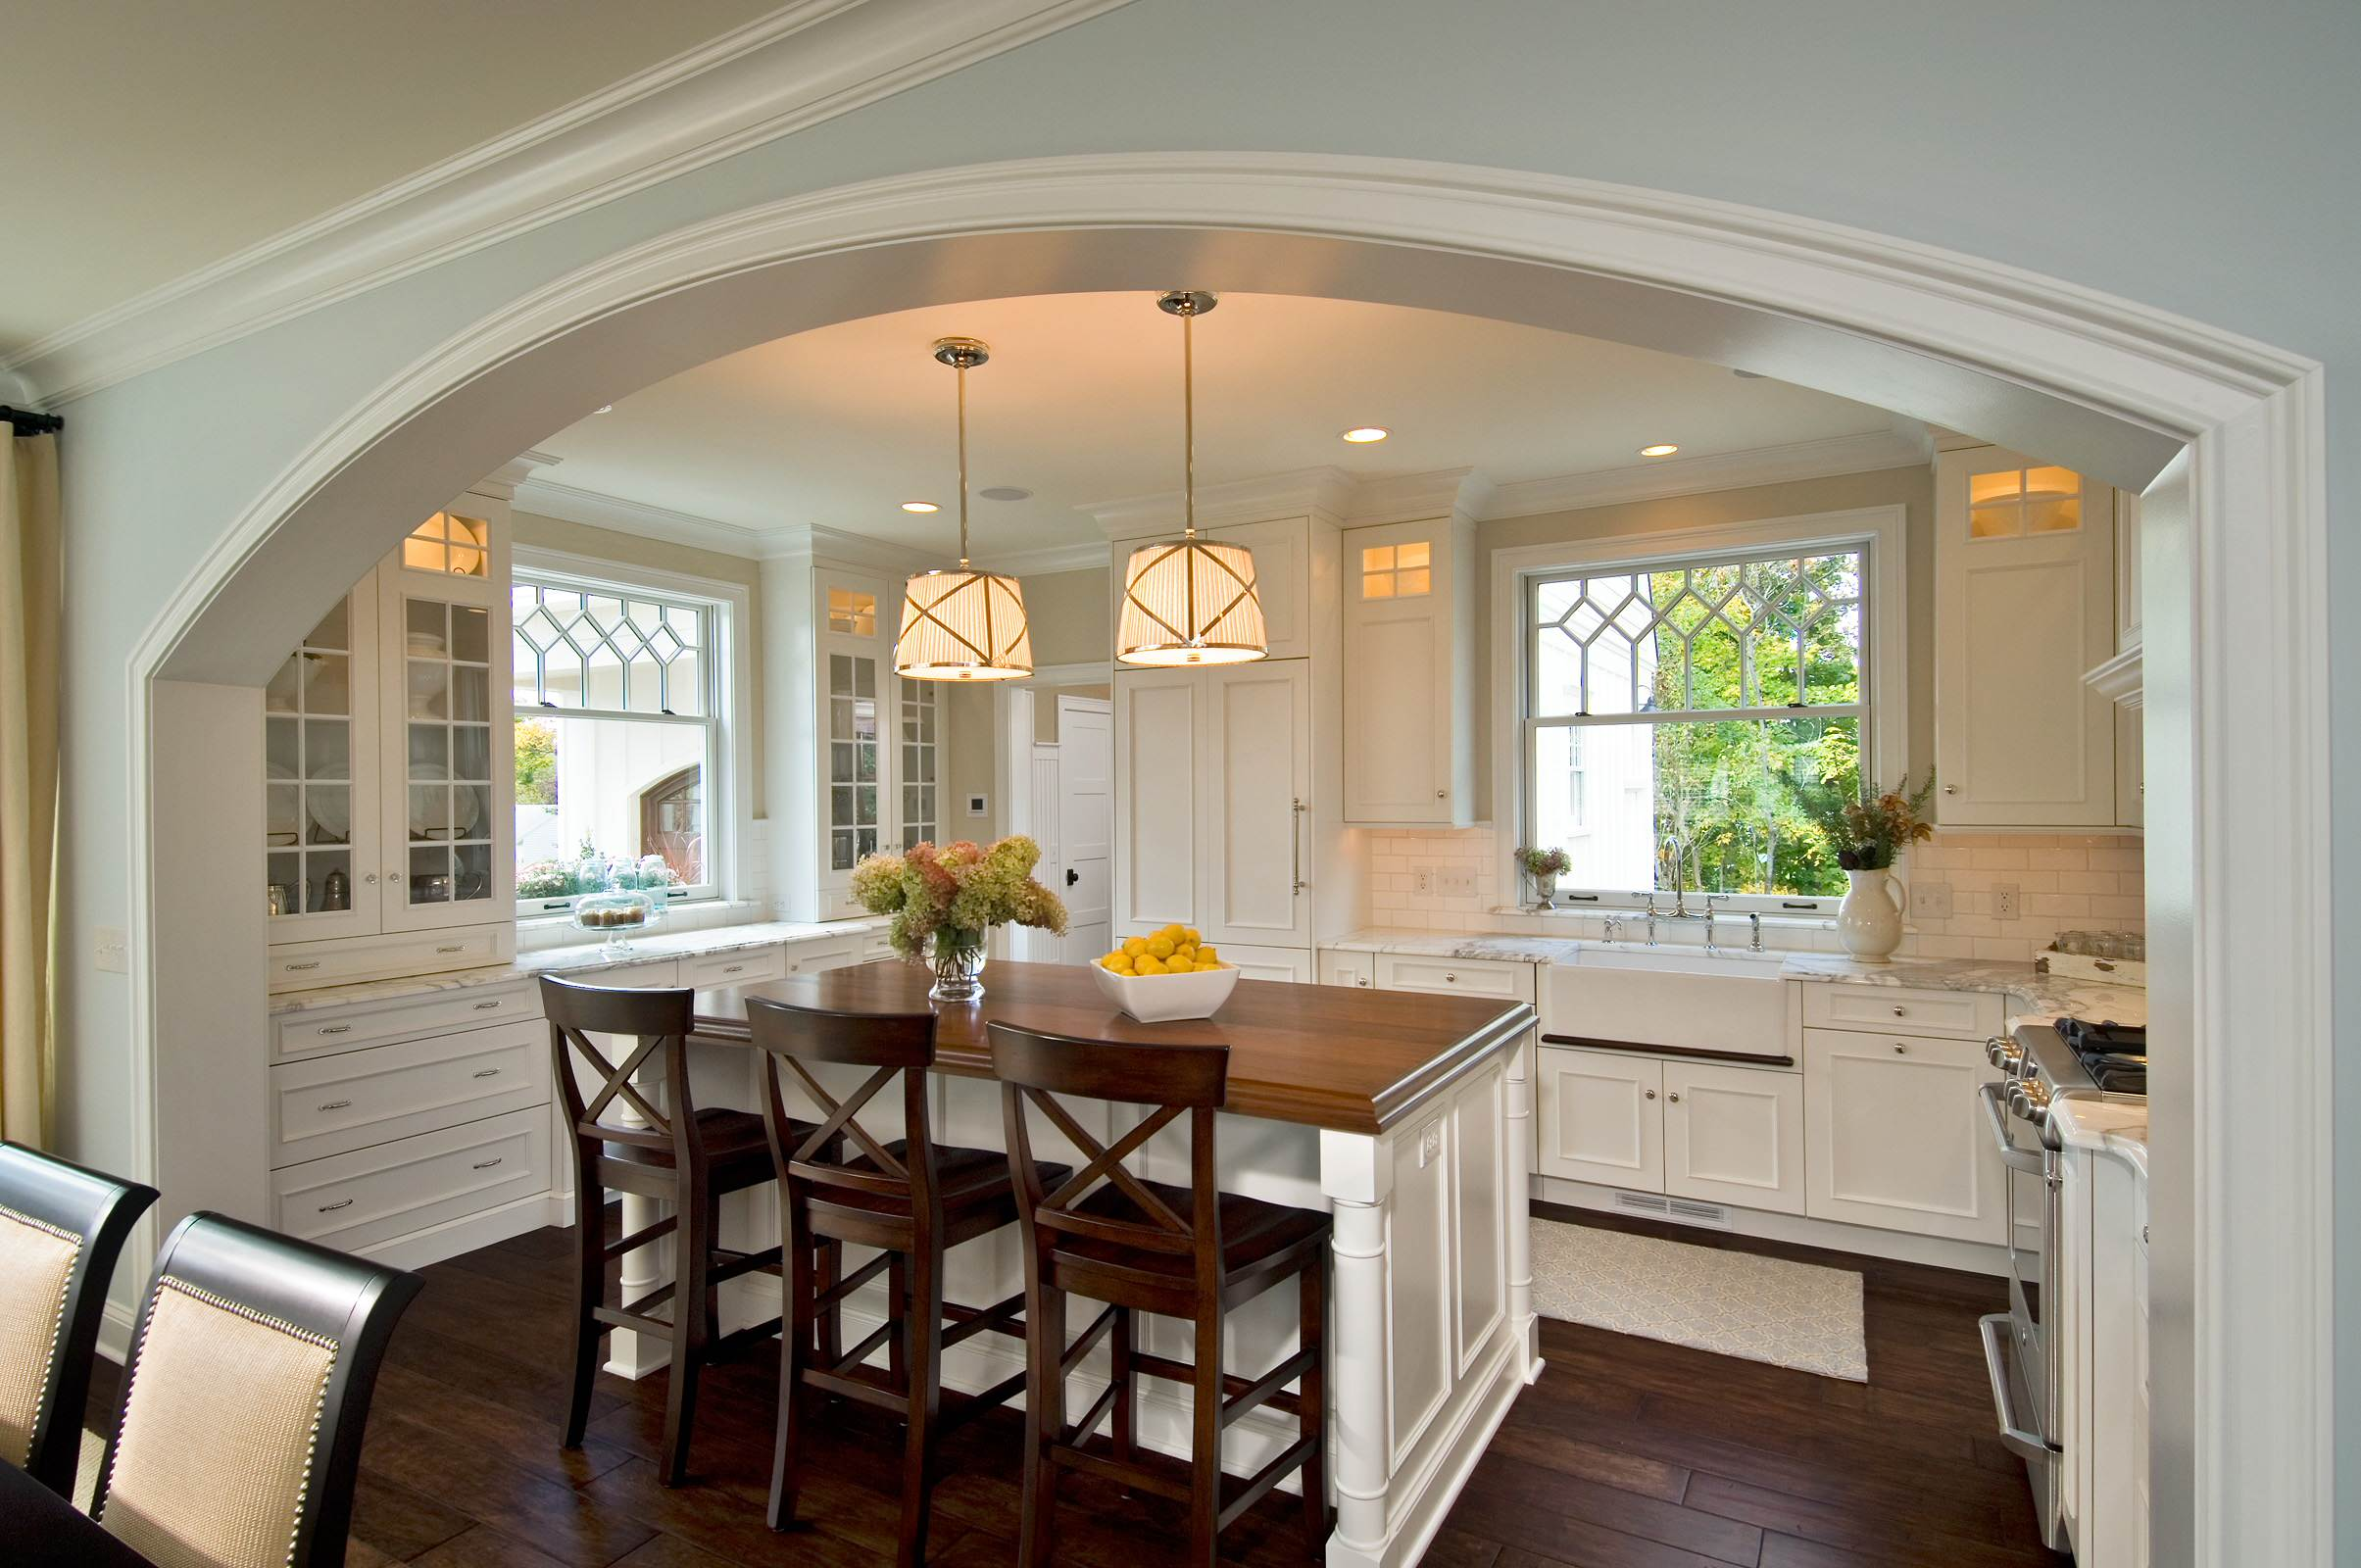 Muro divisorio cucina soggiorno.ci sono tante idee di design alle quale potete ispirarvi suggerimenti e consigli da mettere in pratica per. Arco In Cucina Foto E Idee Houzz